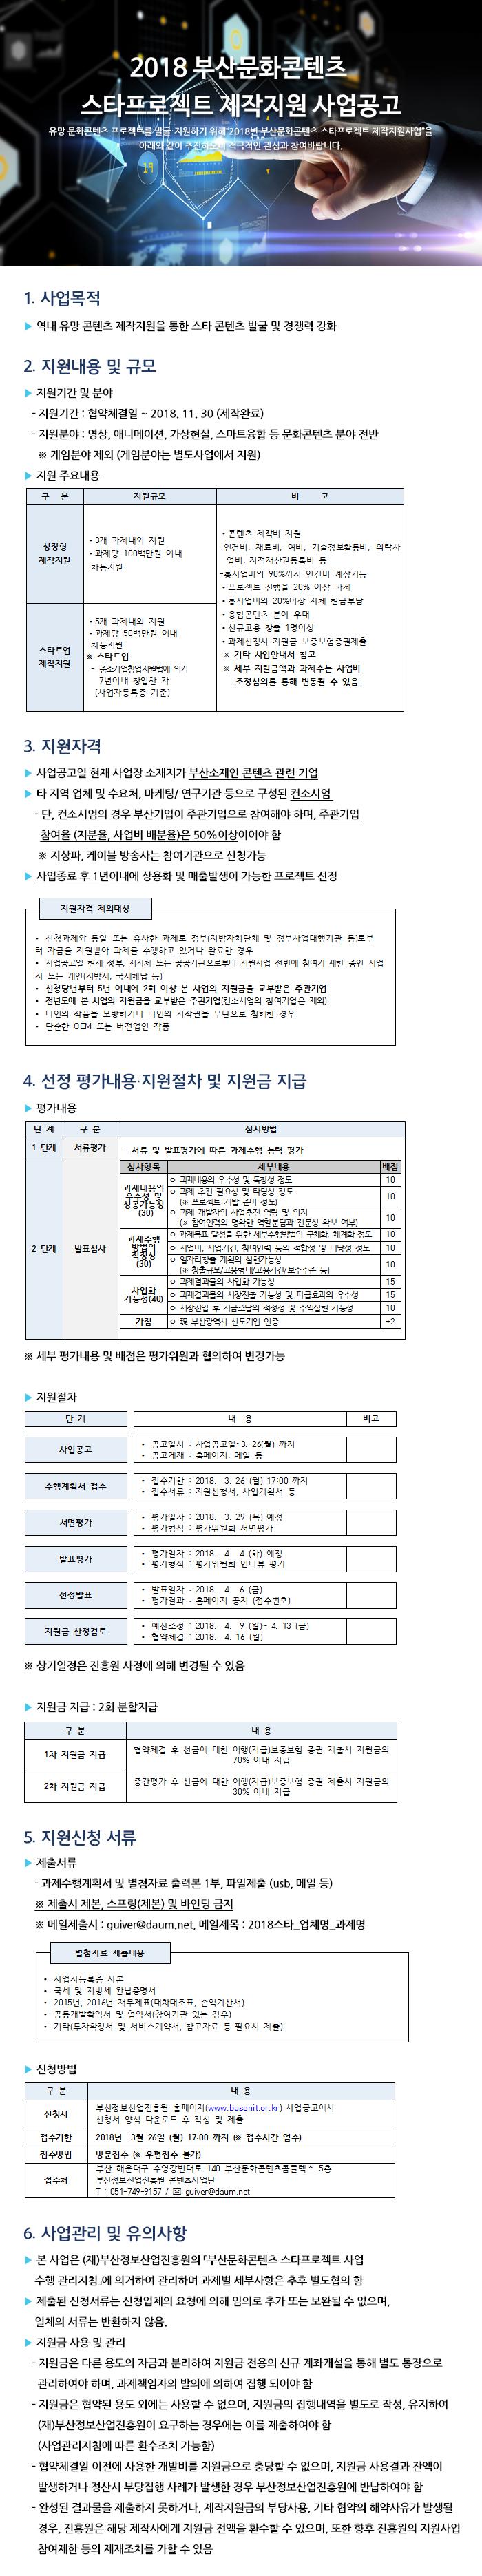 2018 부산문화콘텐츠 스타프로젝트 제작지원 사업공고